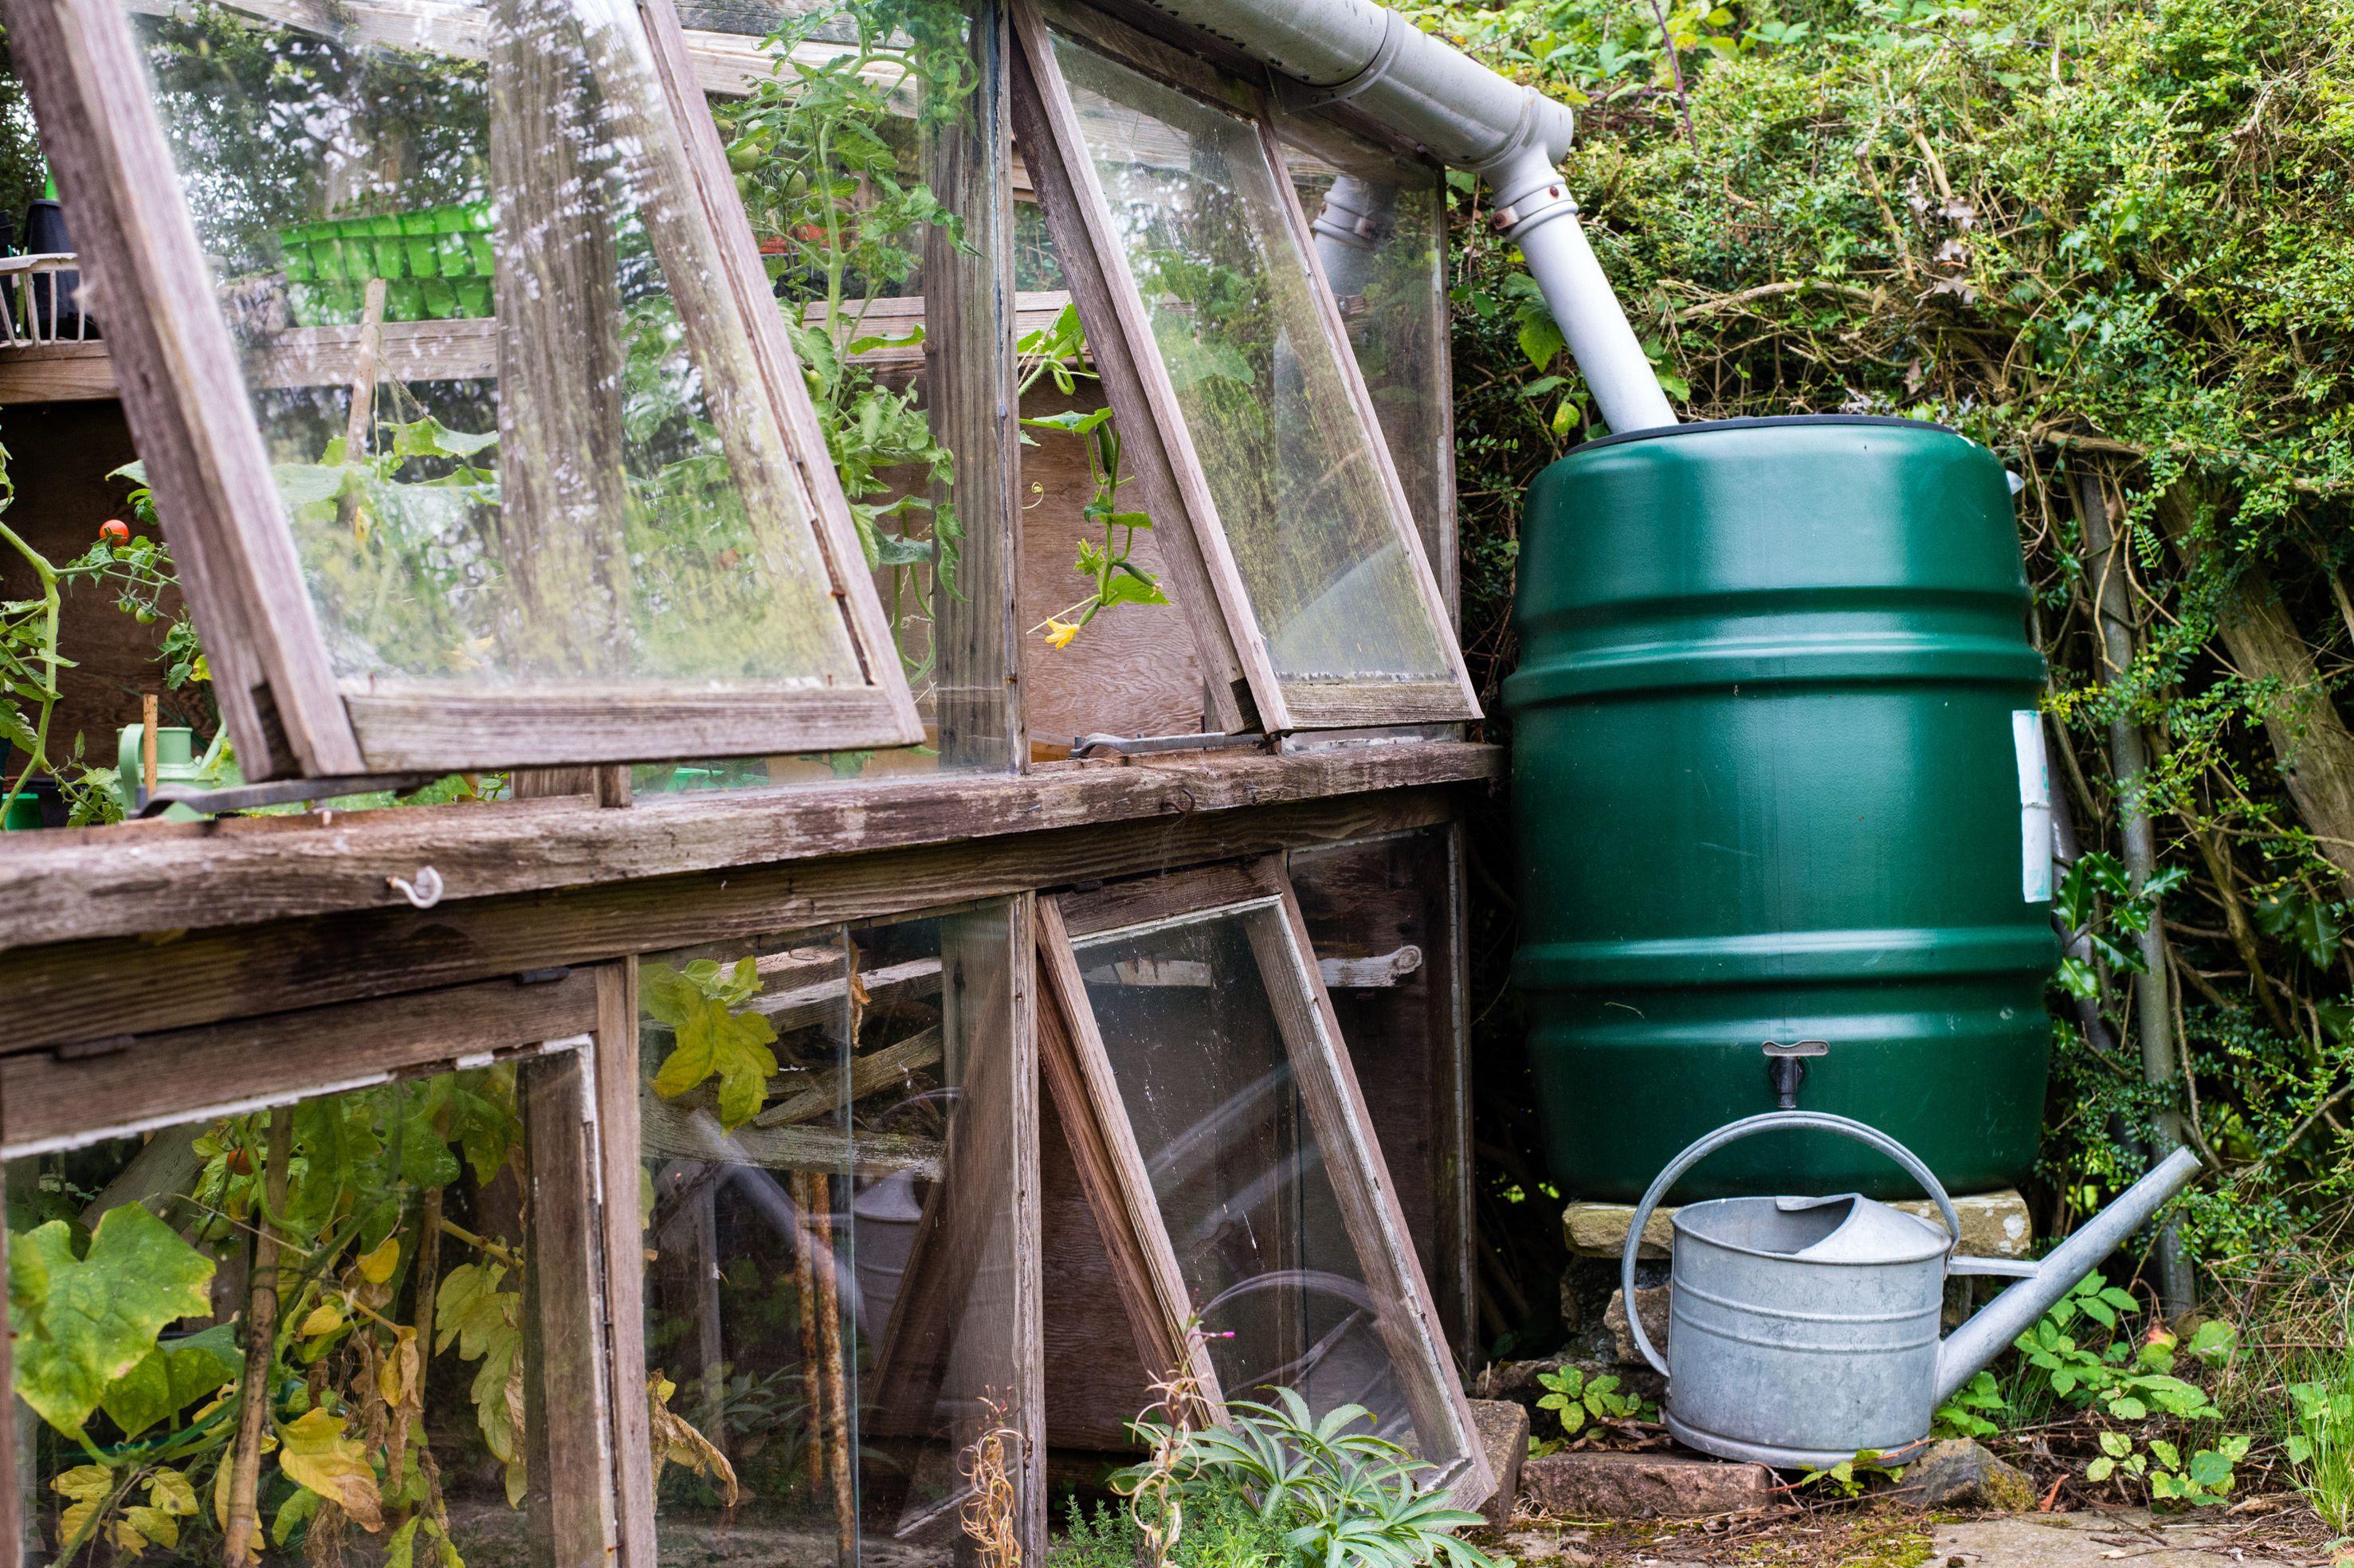 Rain barrel outside greenhouse